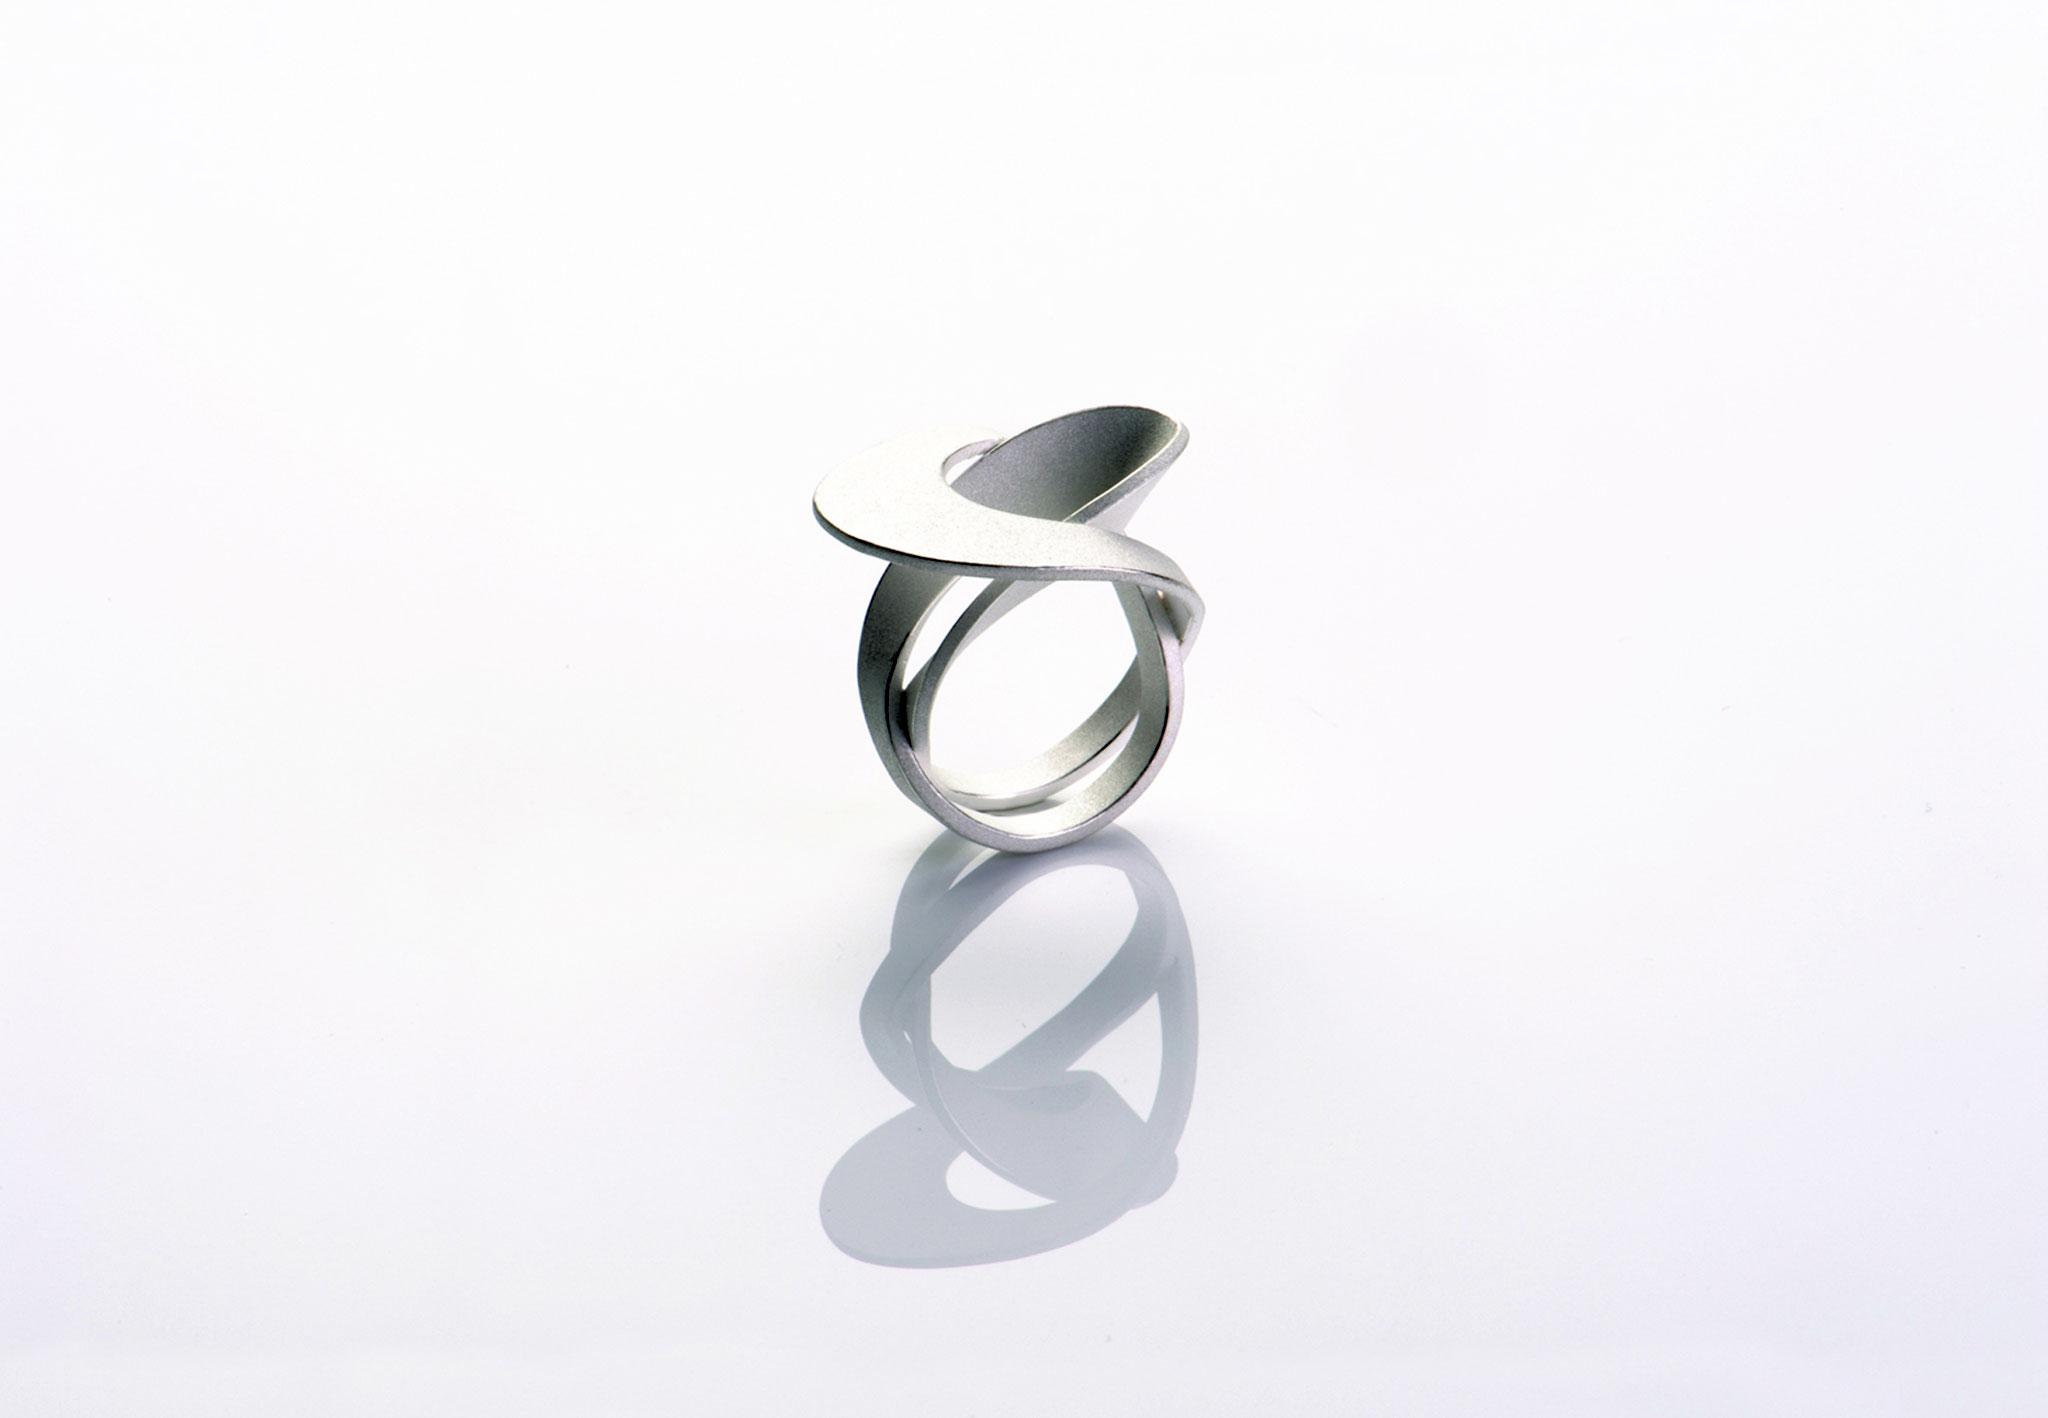 Wendepunkt Ring M5, 925/- Silber, weiß